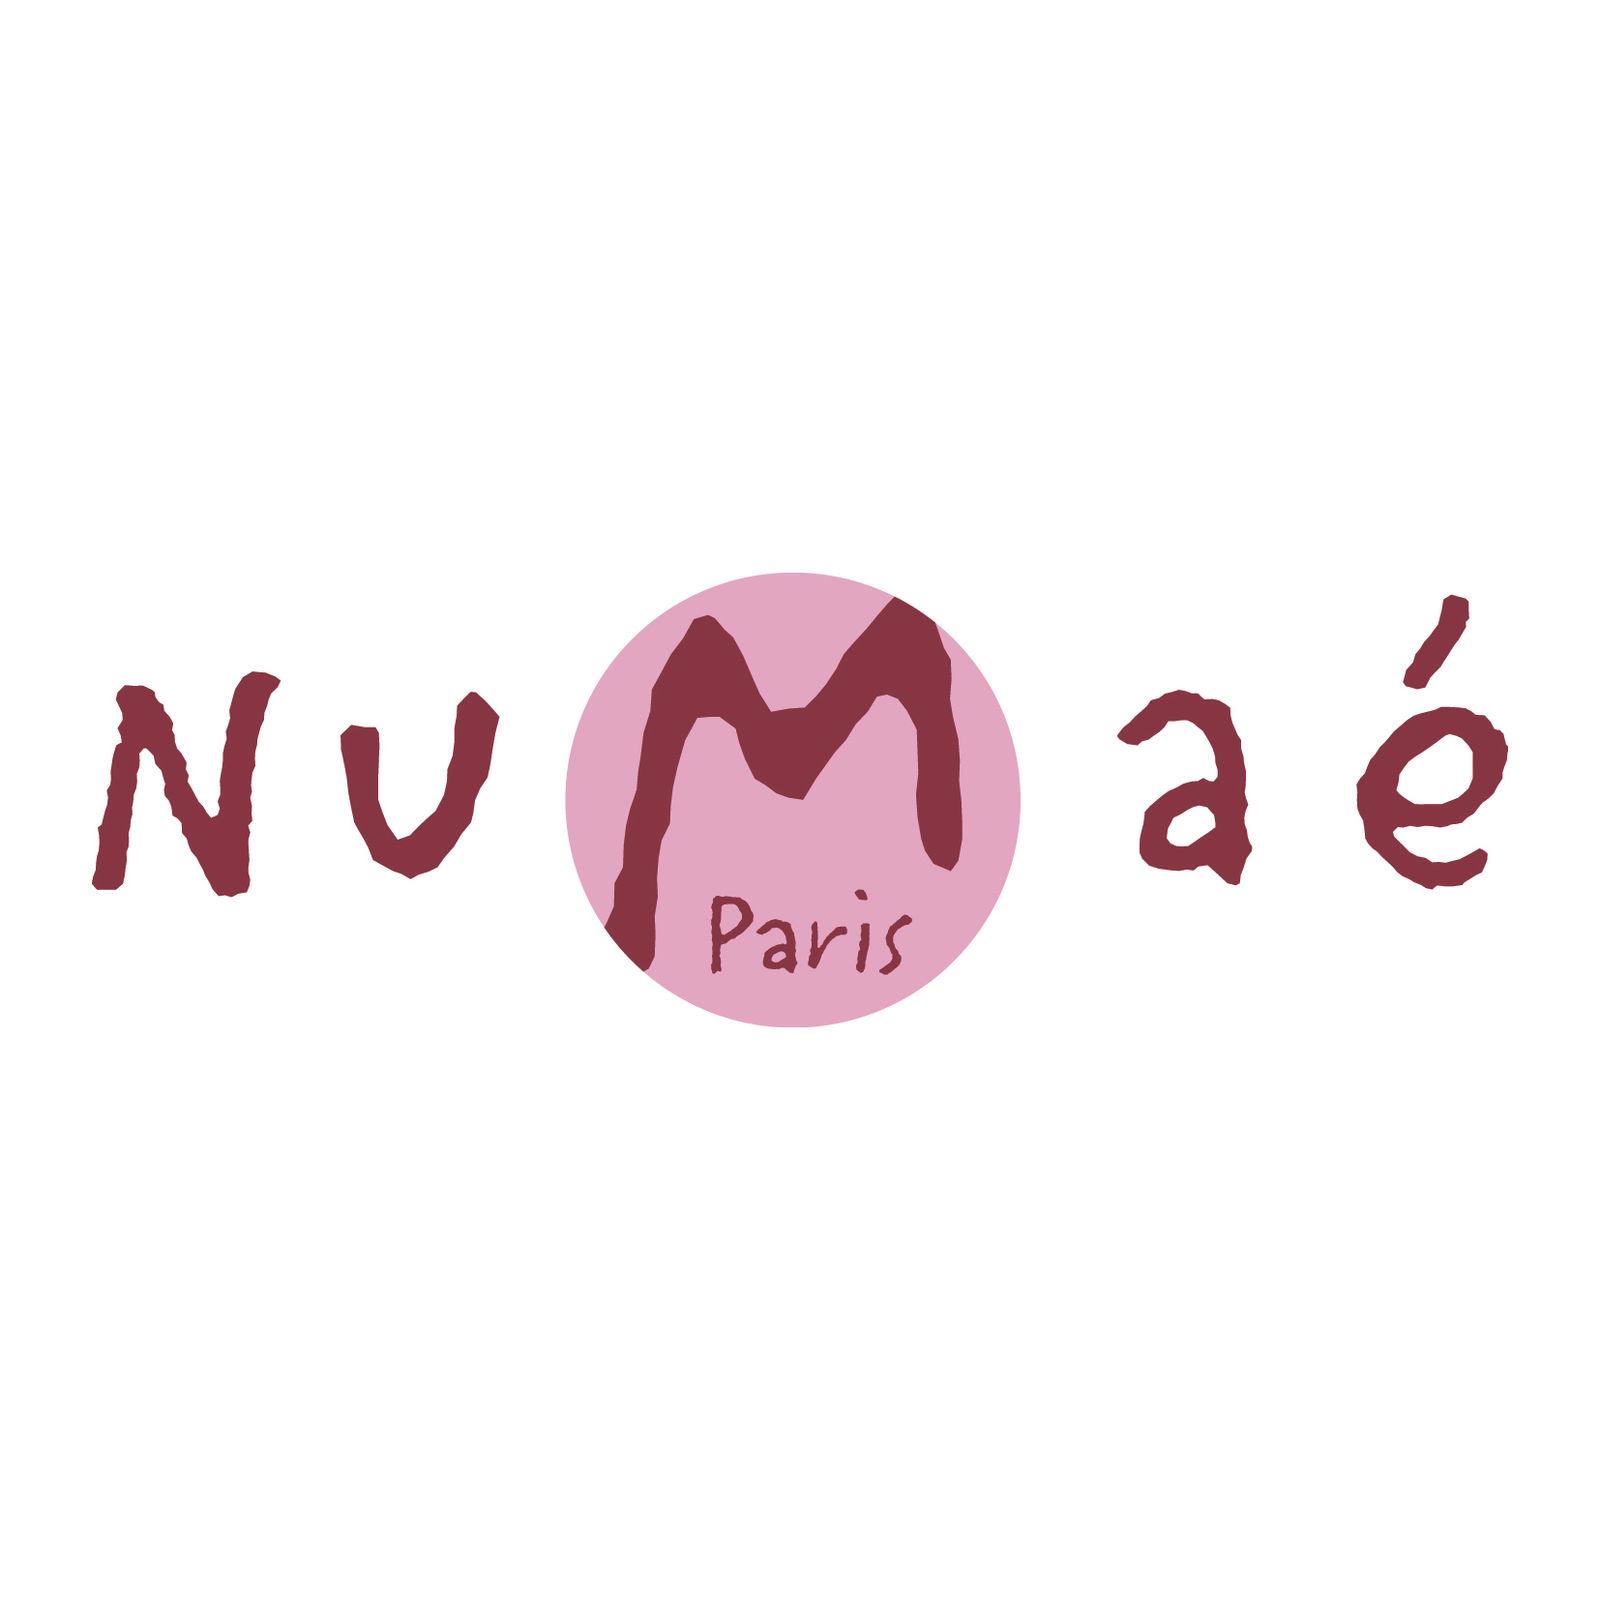 Numaé